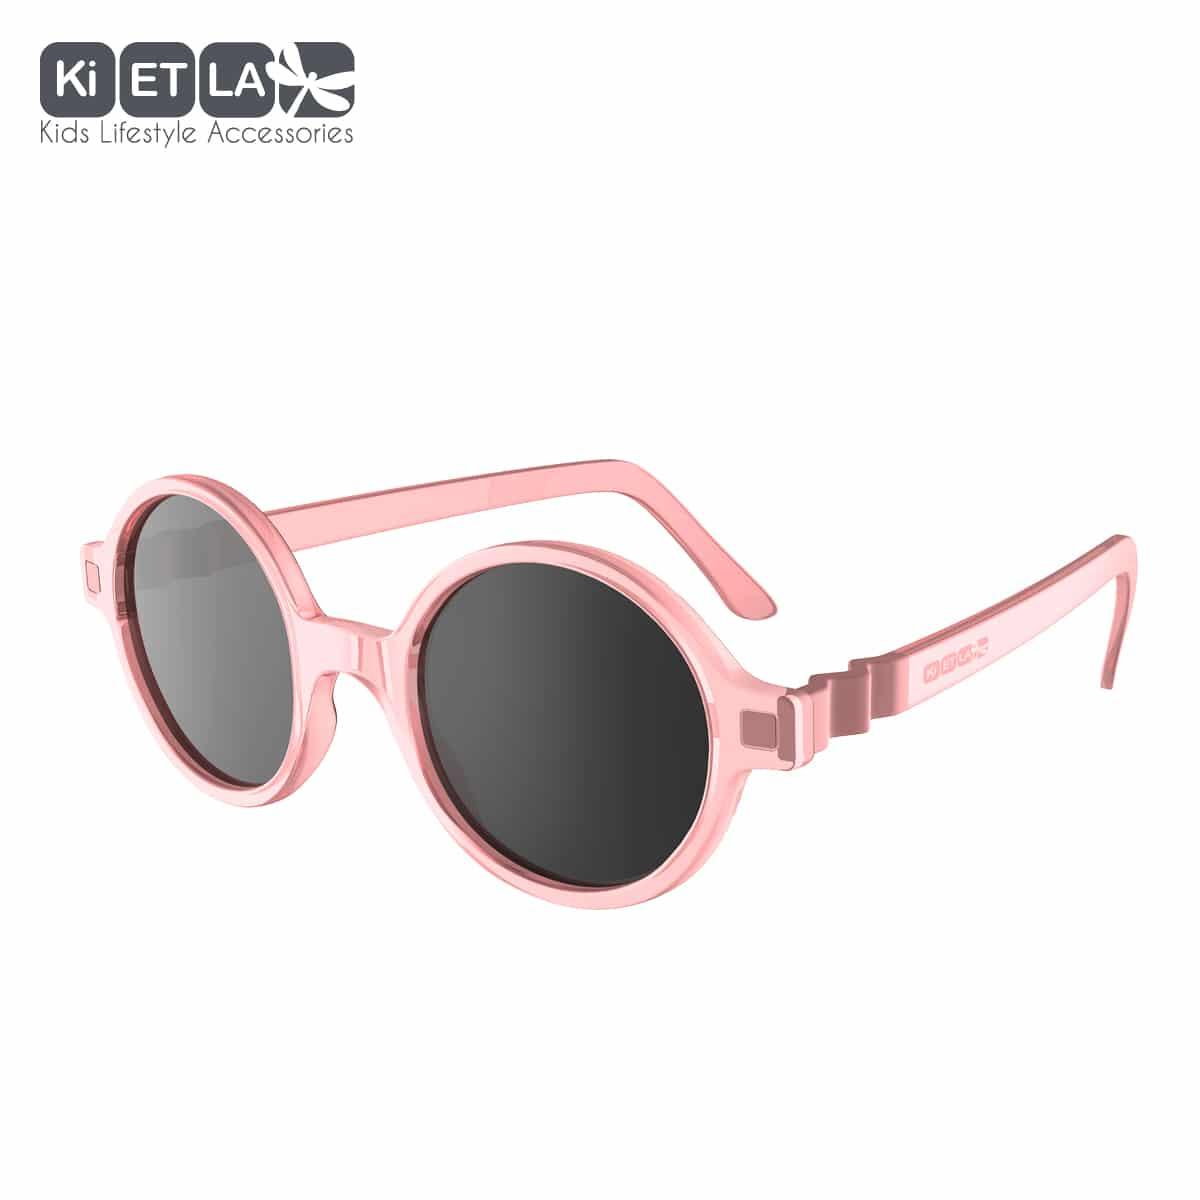 KiETLA CraZyg-Zag slnečné okuliare 6-9 rokov